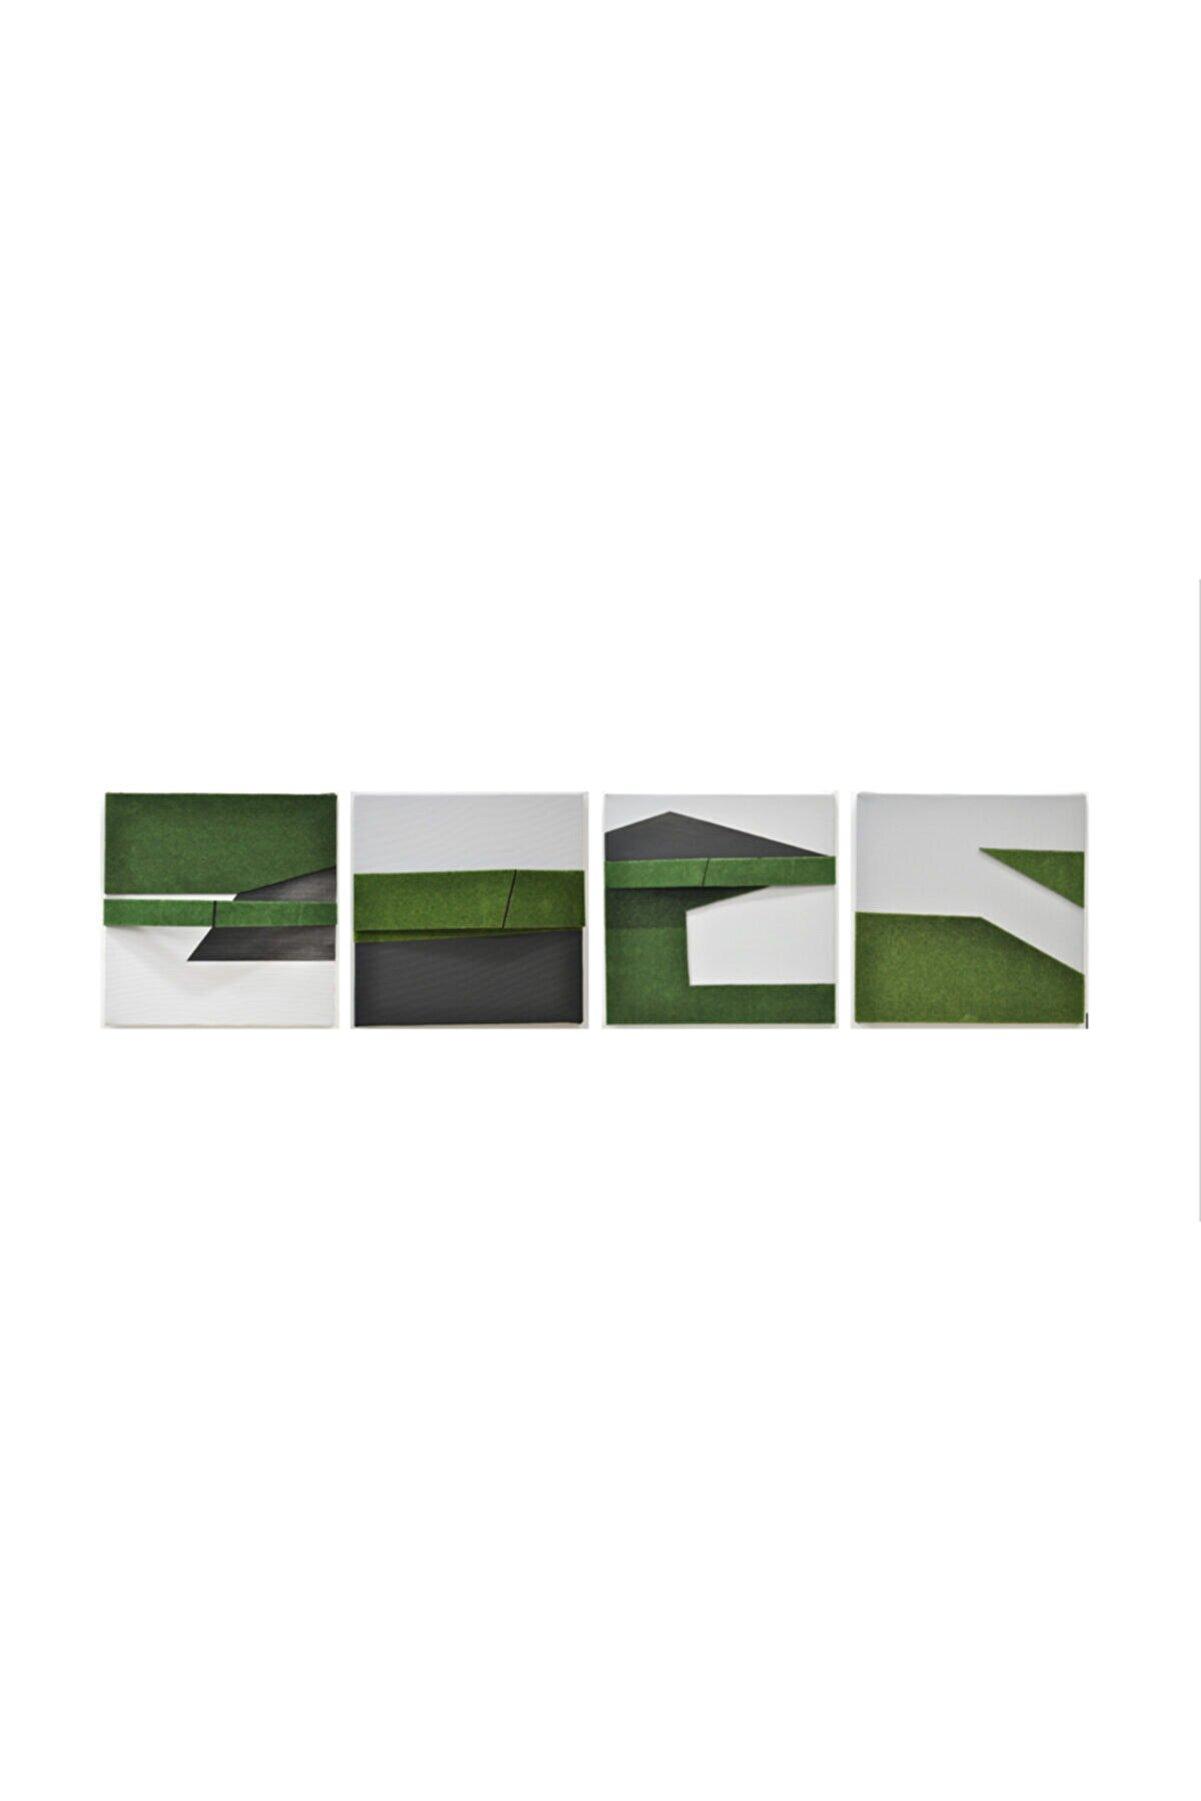 Elif Köse Yeşil Alan, 25x25x5, Tuval Üzerine Karışık Teknik